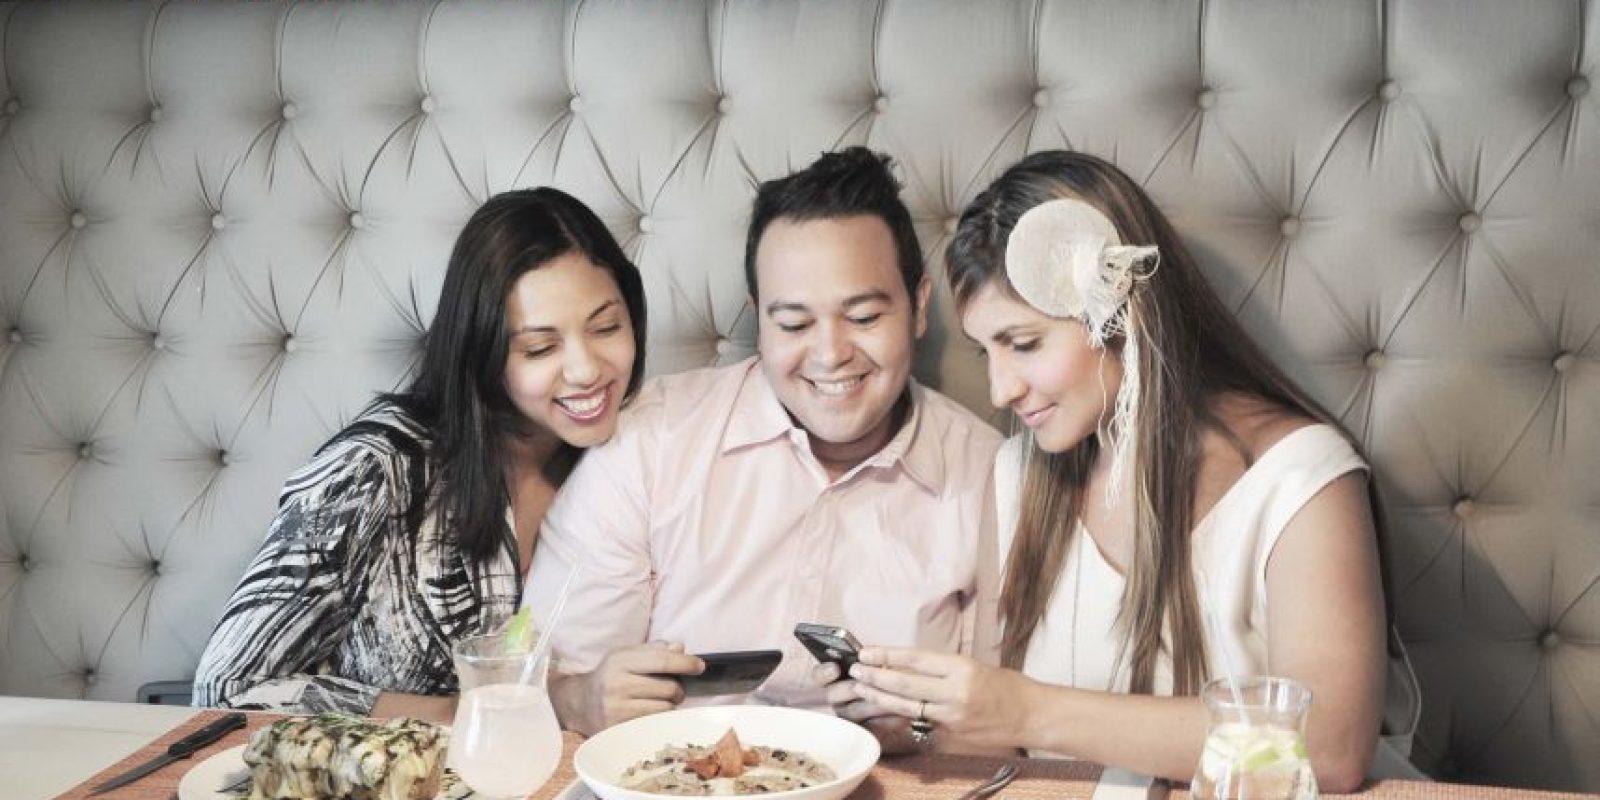 Neika Núñez, William Vargas y Mariel Pou son los foodies detrás de Ruta Gourmet Foto:Cortesía tresmedia